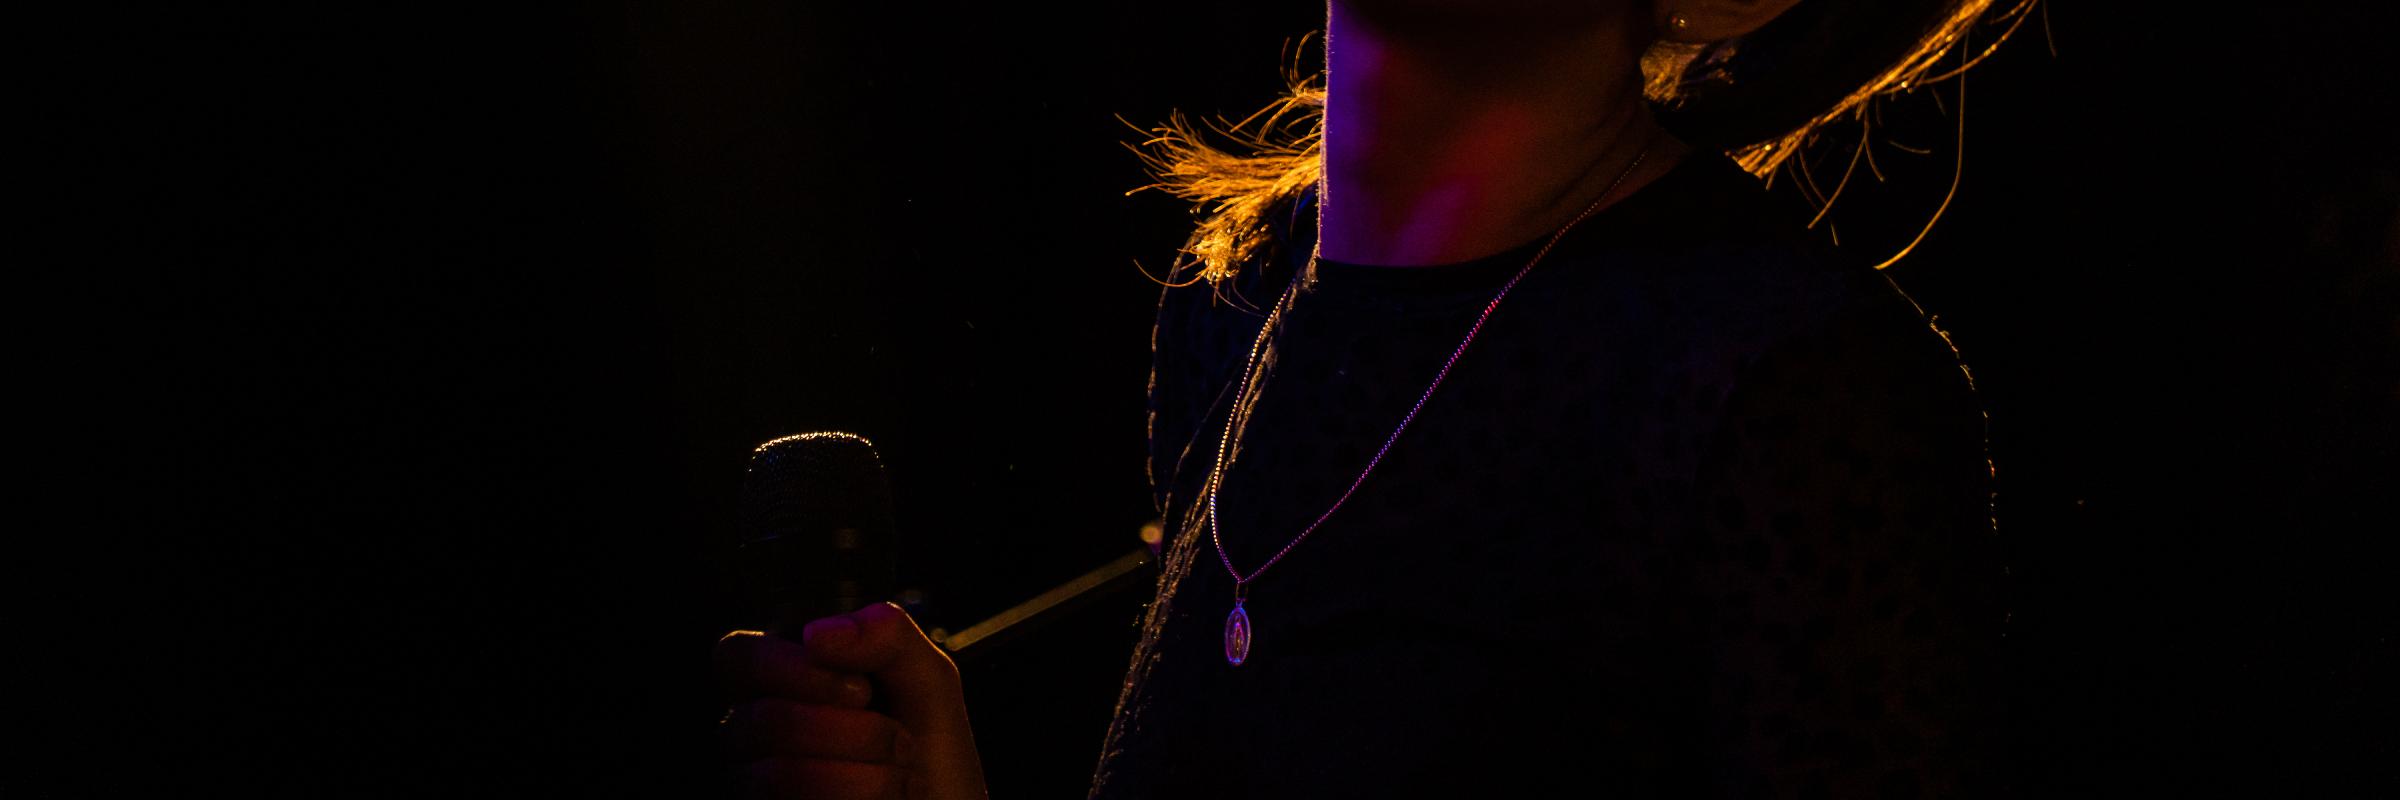 Aurelie Laffont, musicien Chanteur en représentation à Hauts de Seine - photo de couverture